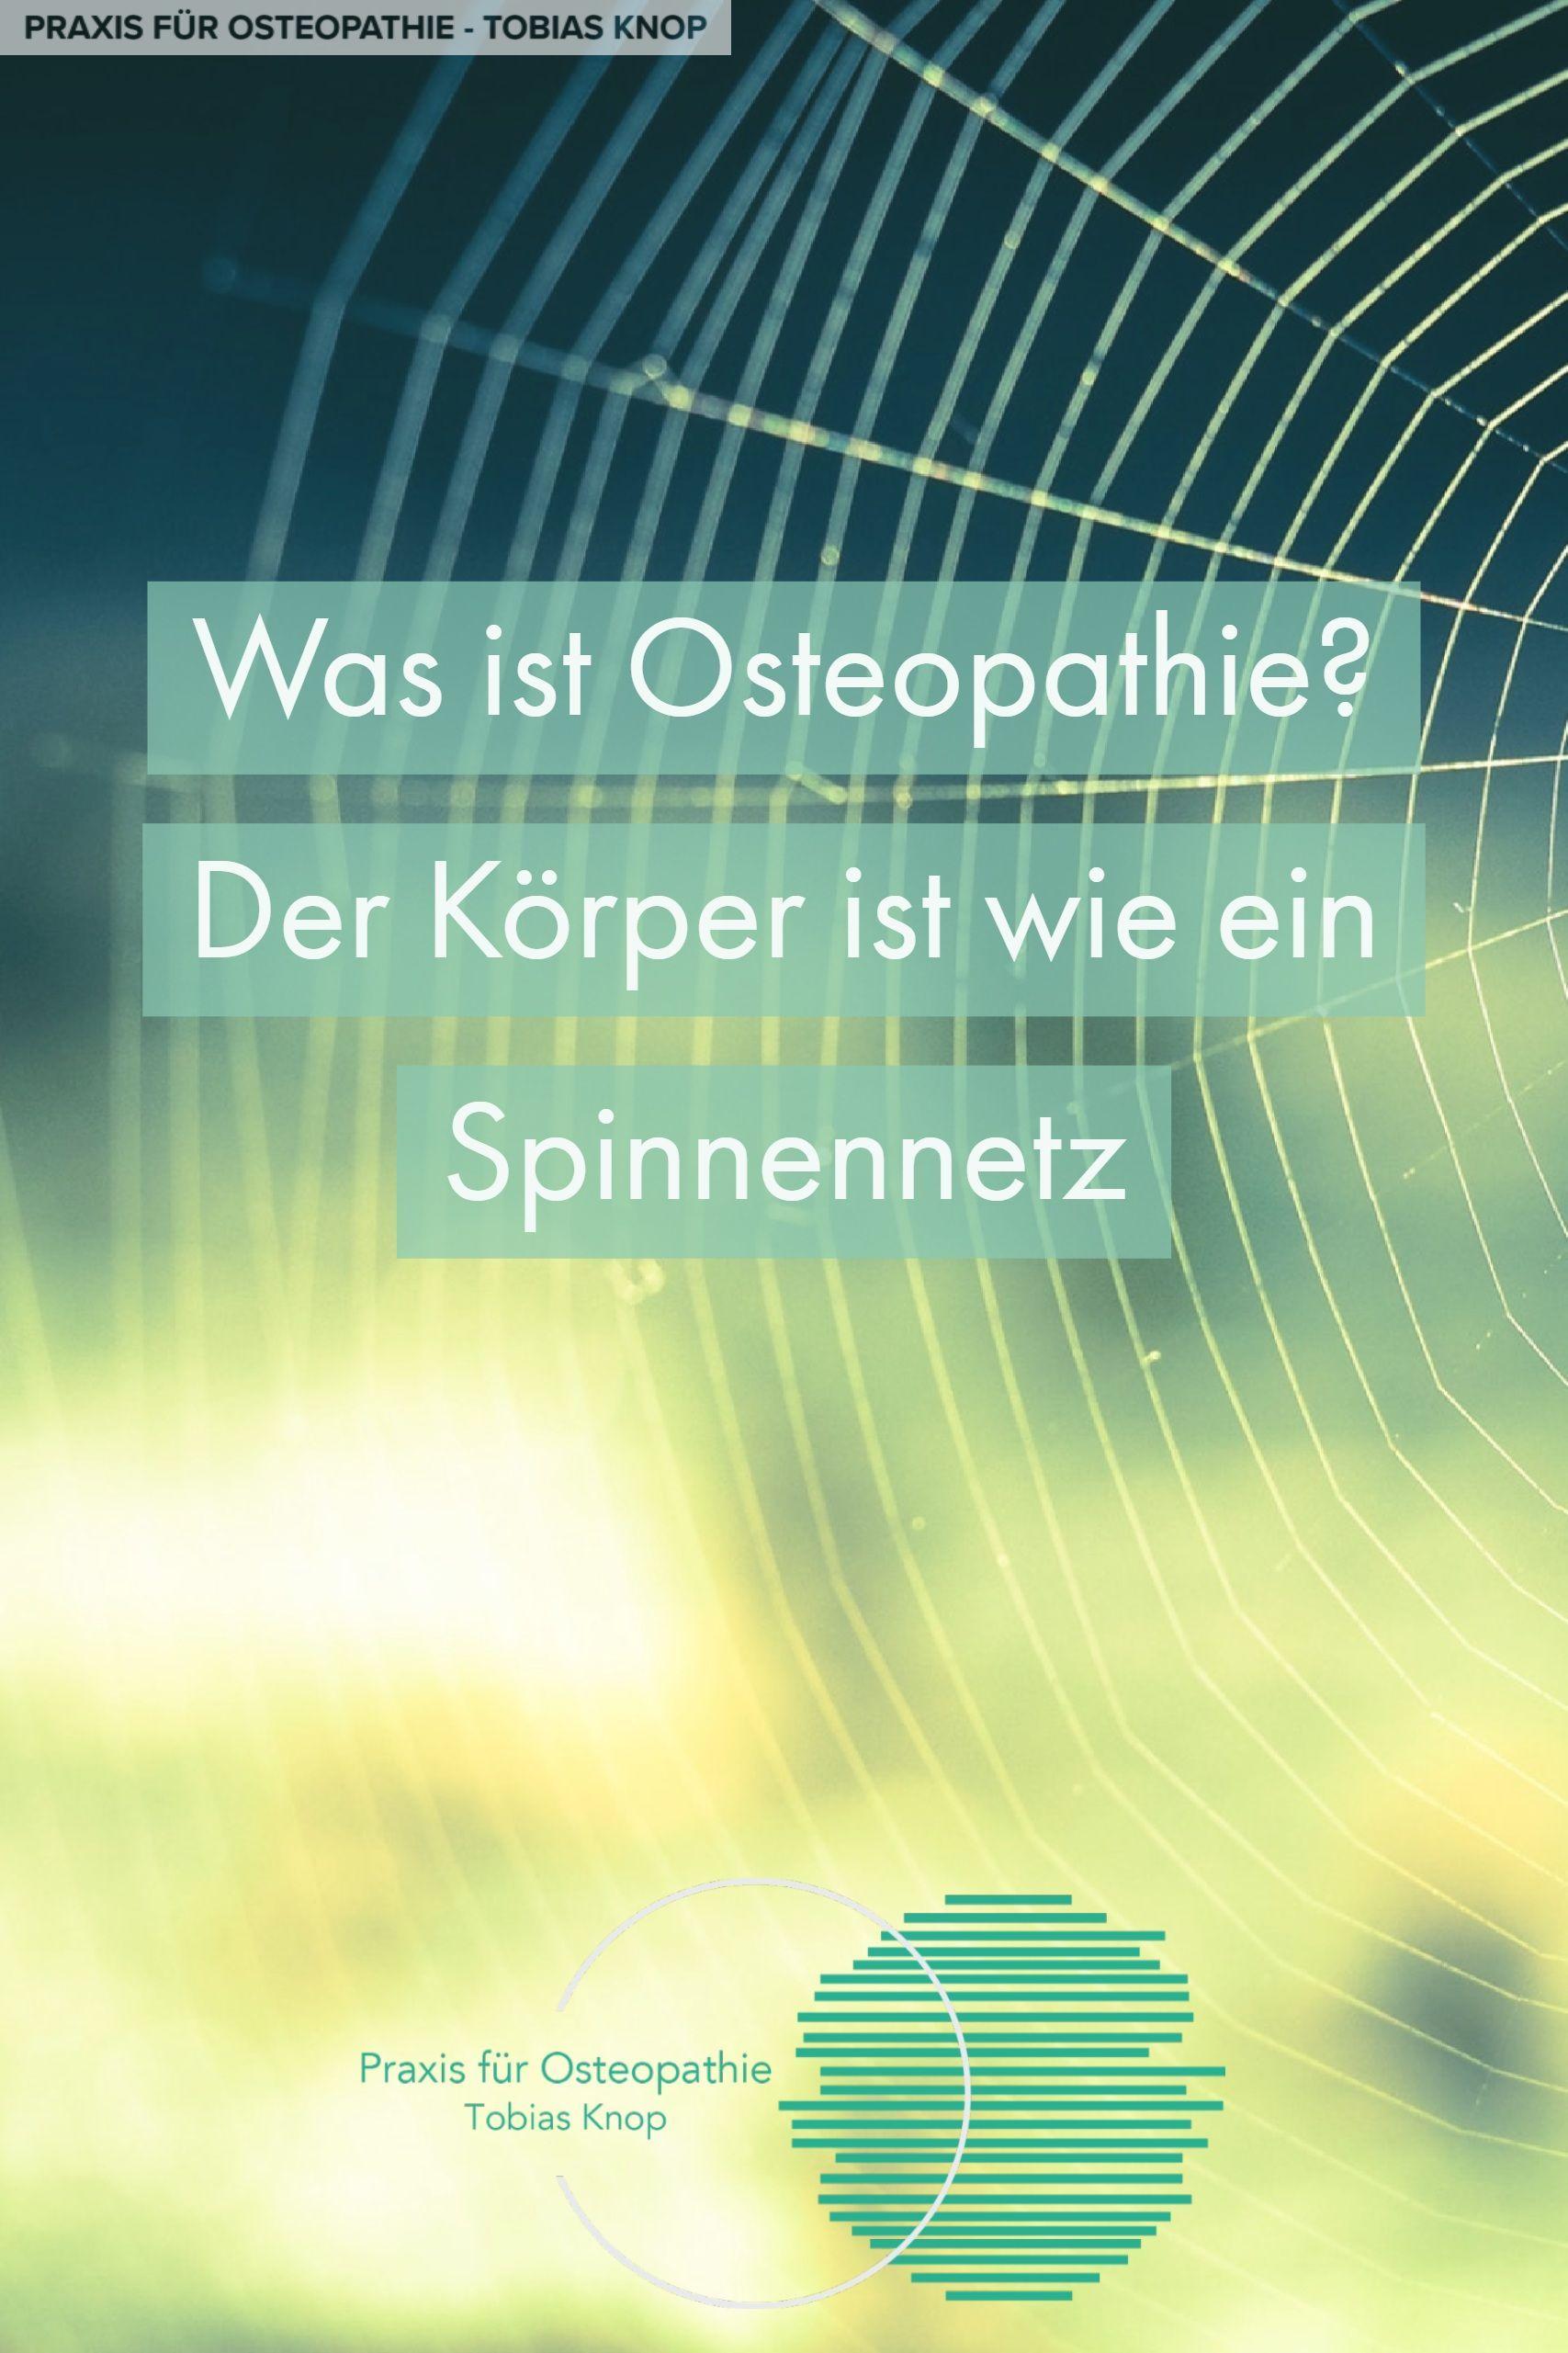 Was ist Osteopathie - Praxis für Osteopathie Tobias Knop Gütersloh ...